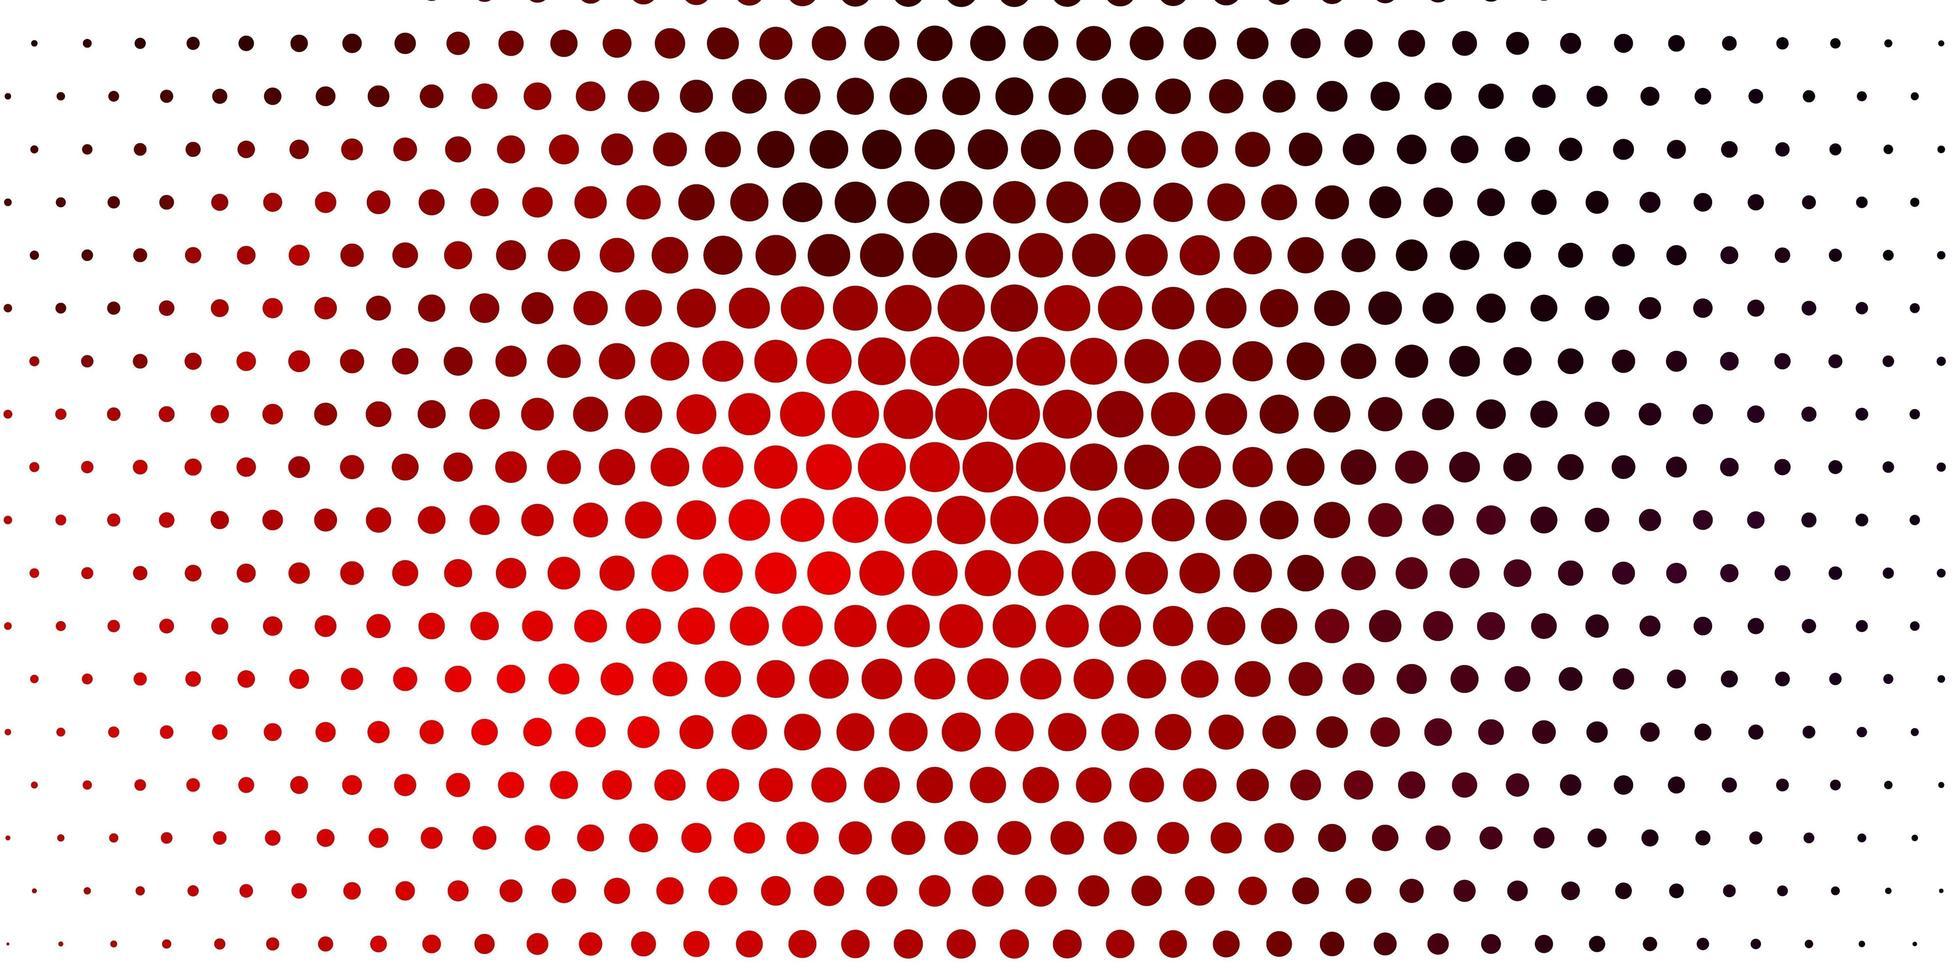 motif rouge avec des sphères. vecteur